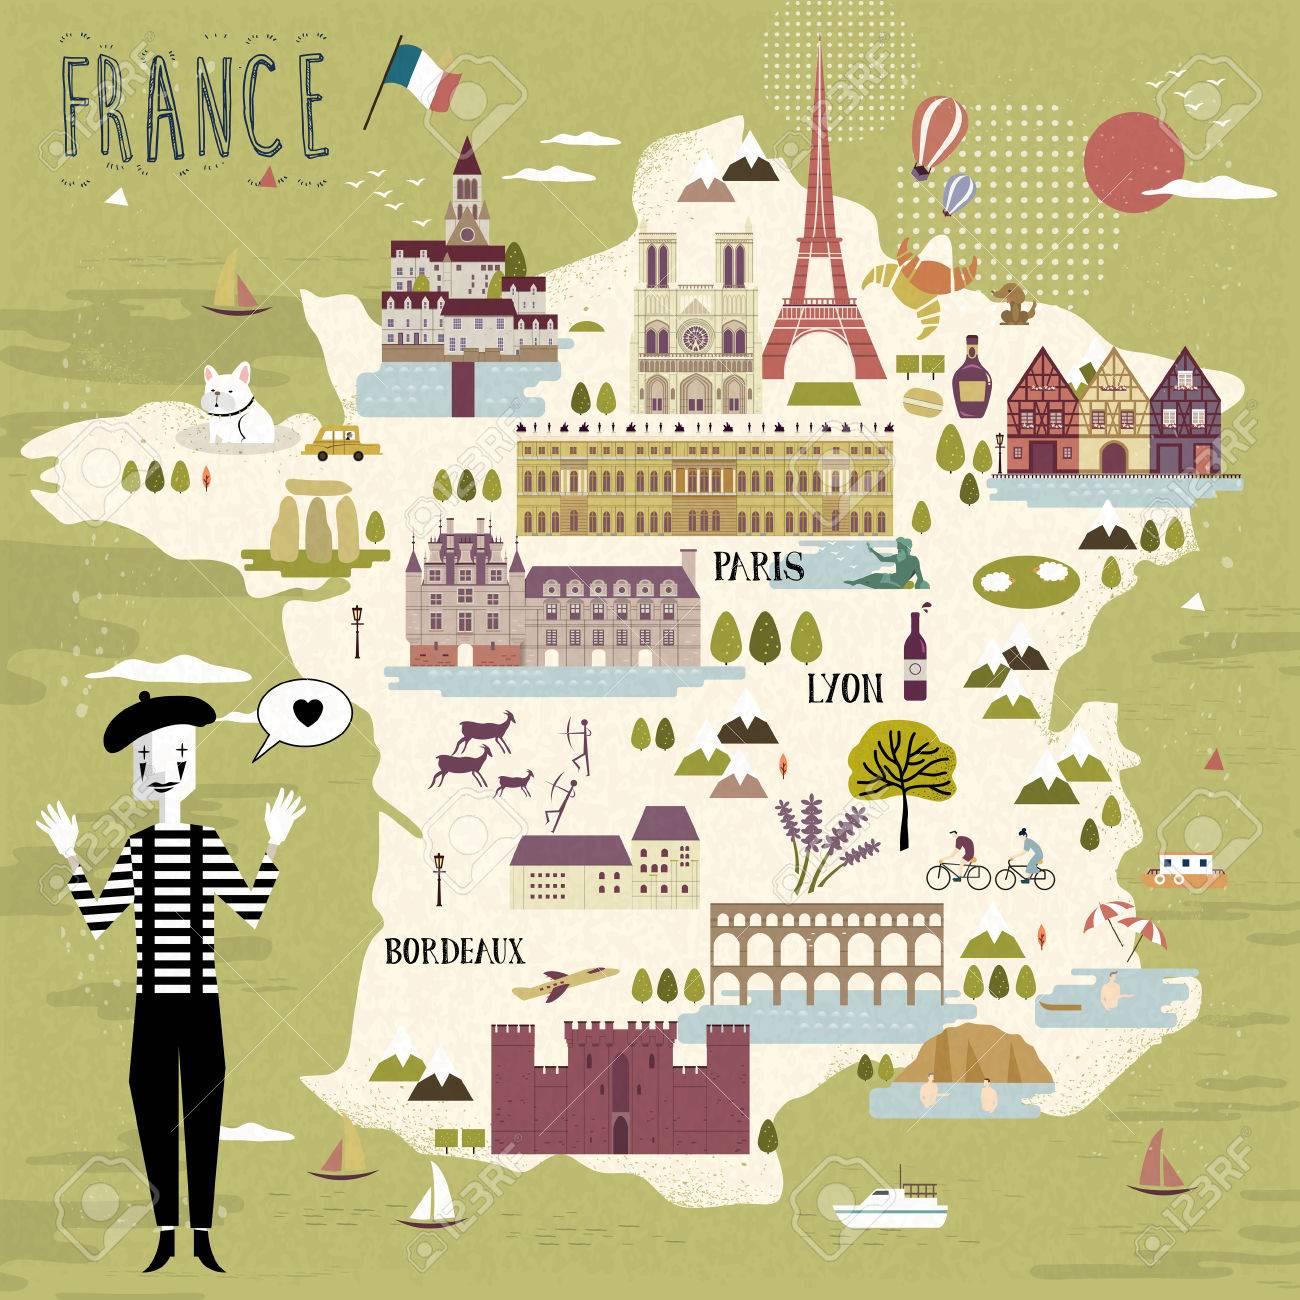 Cartina Della Francia Con Monumenti.Vettoriale Adorabile Francia Mappa Con Attrazioni E Specialita Image 53715747